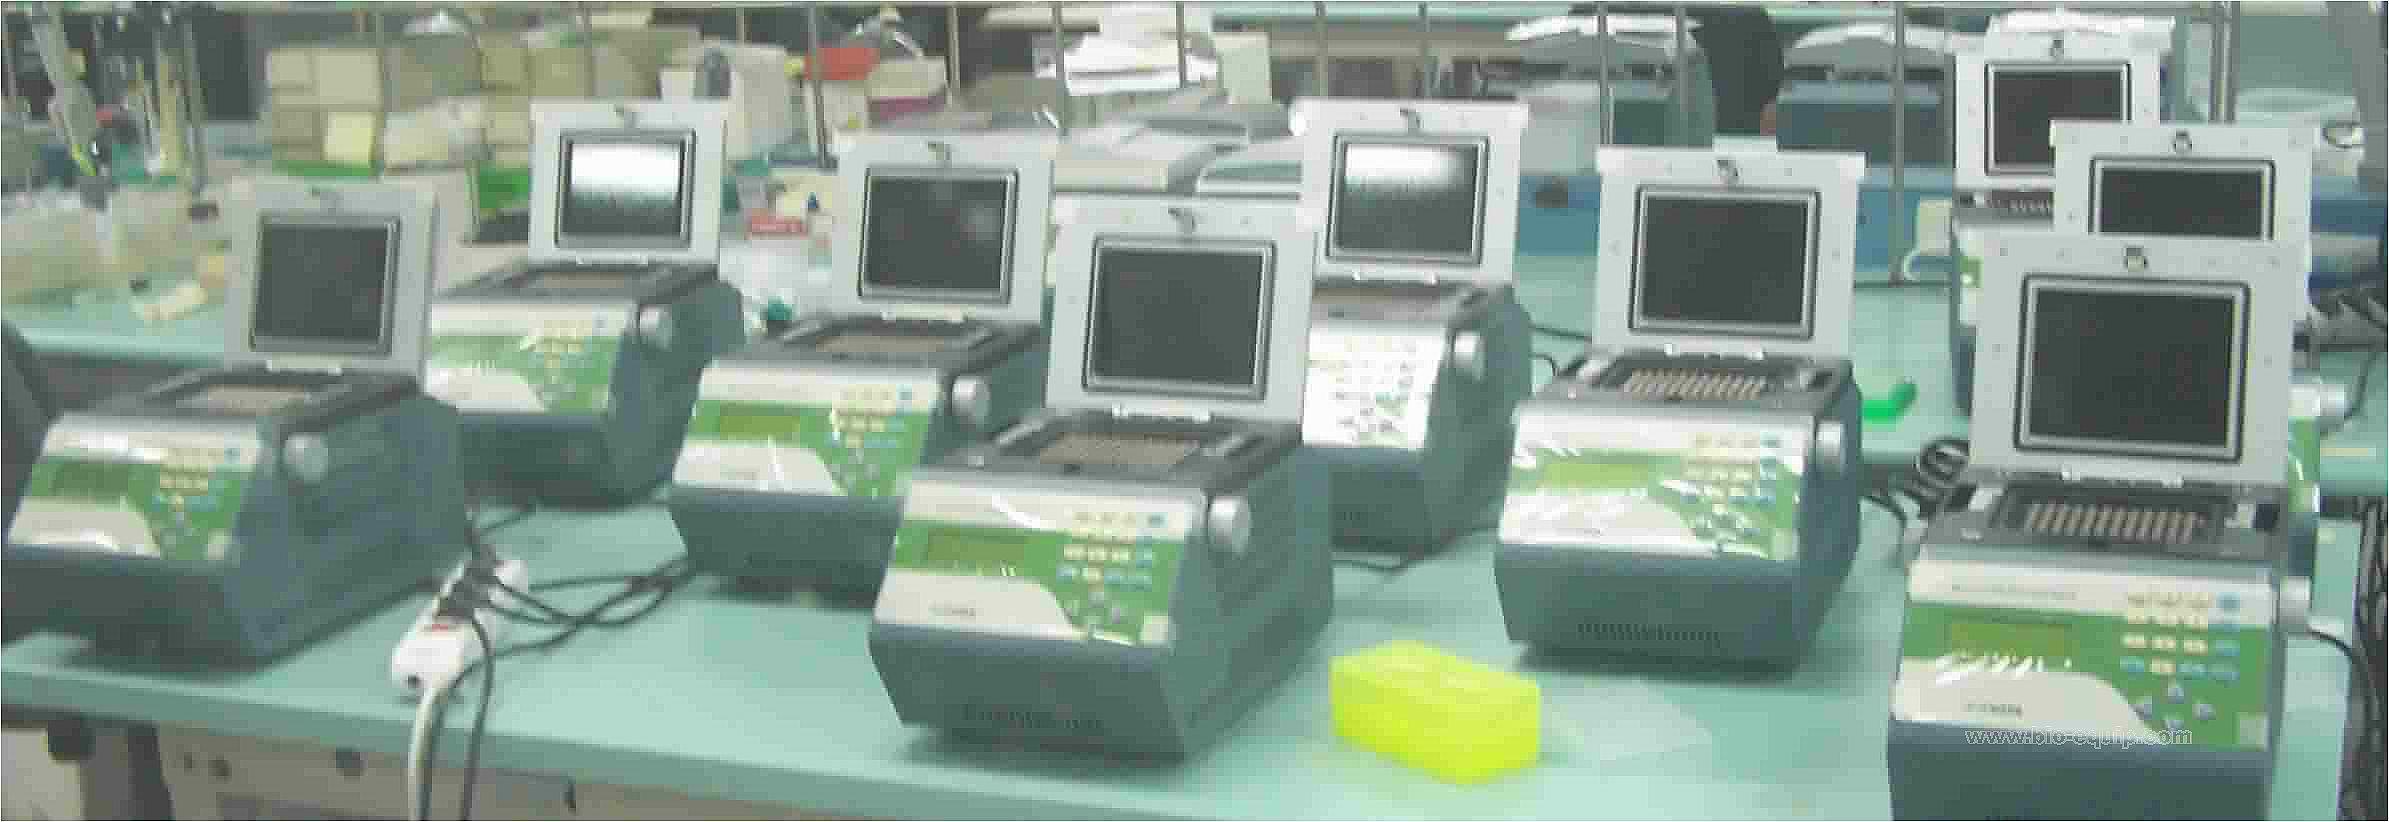 32孔普通PCR仪